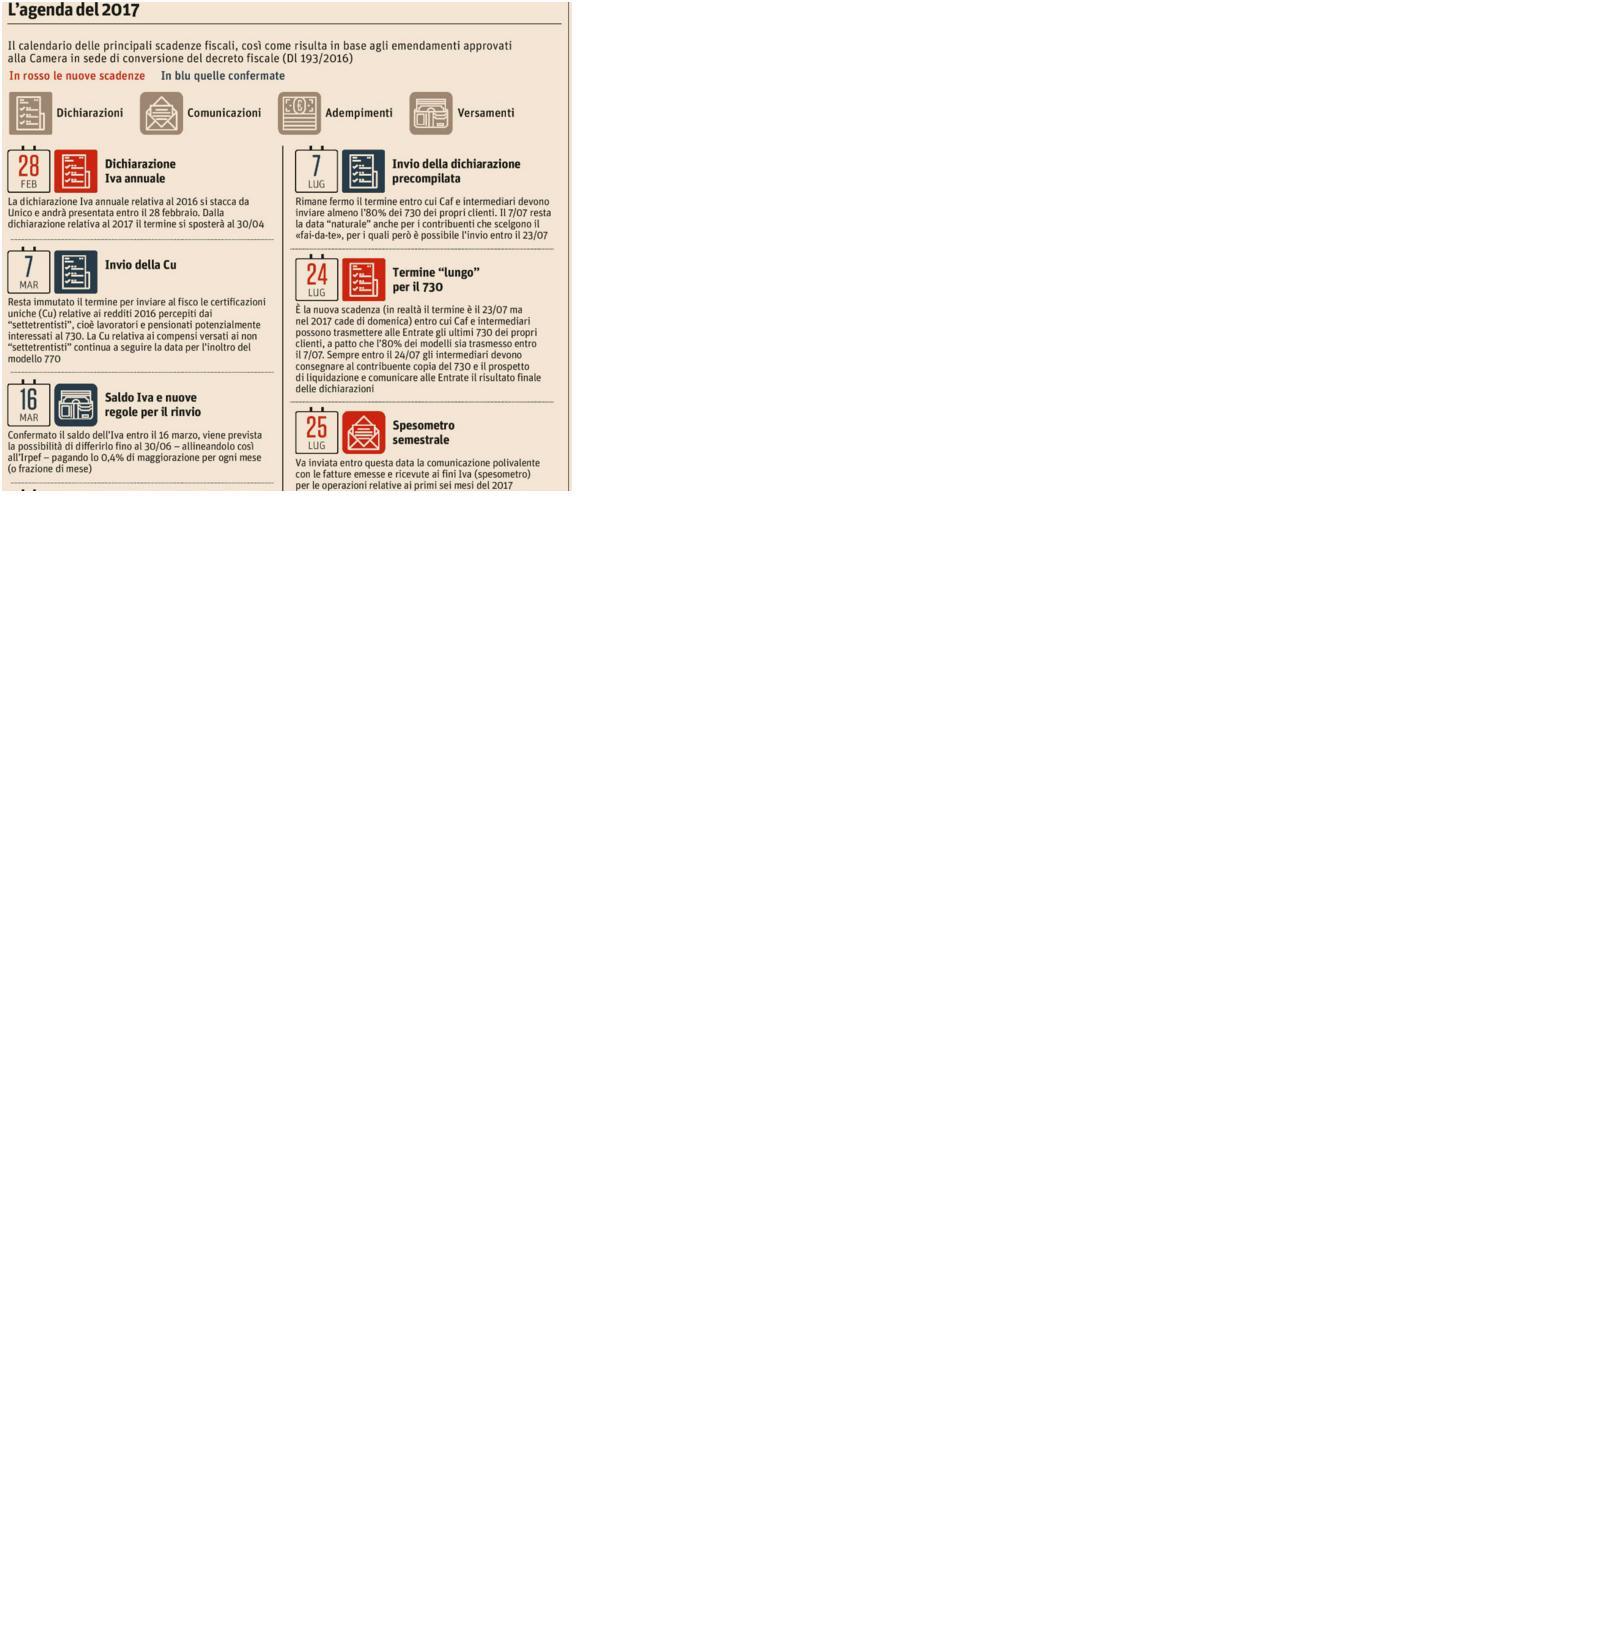 Calendario Giuliano Conversione.Agendafiscale1 Giuliano Bartolomei